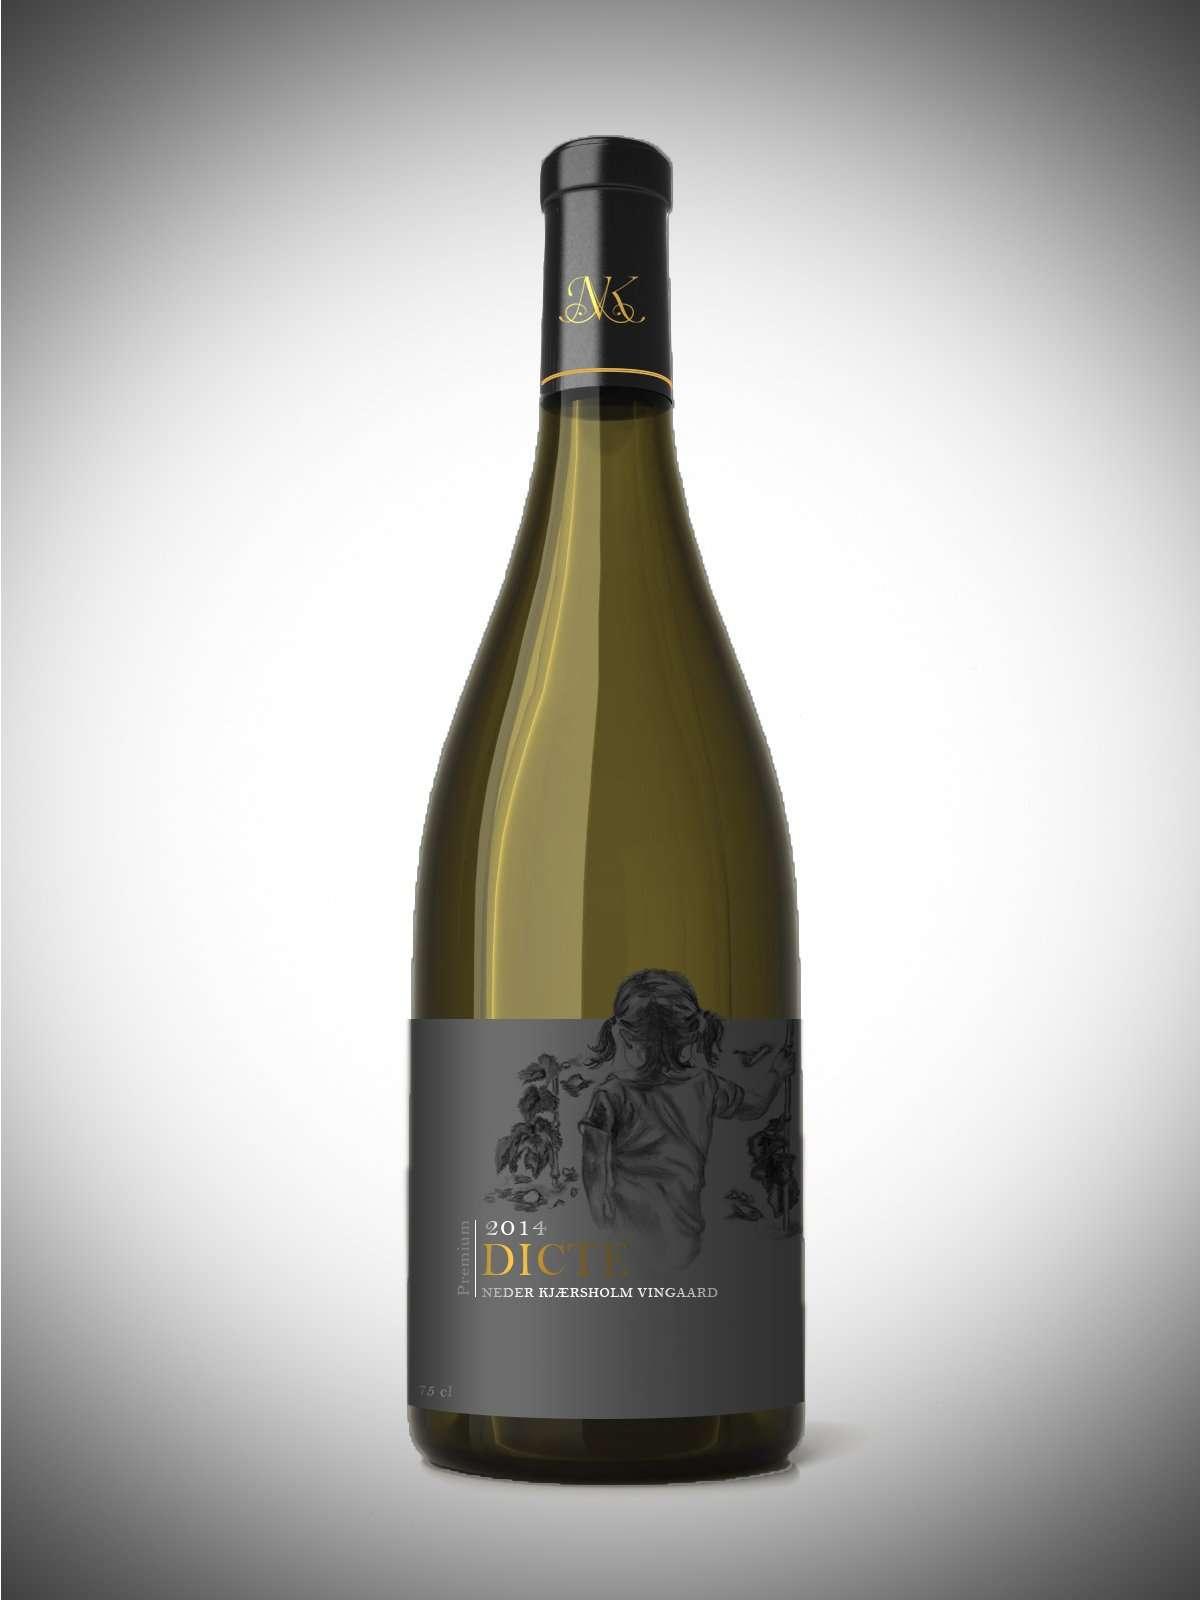 Dicte - dansk rødvin